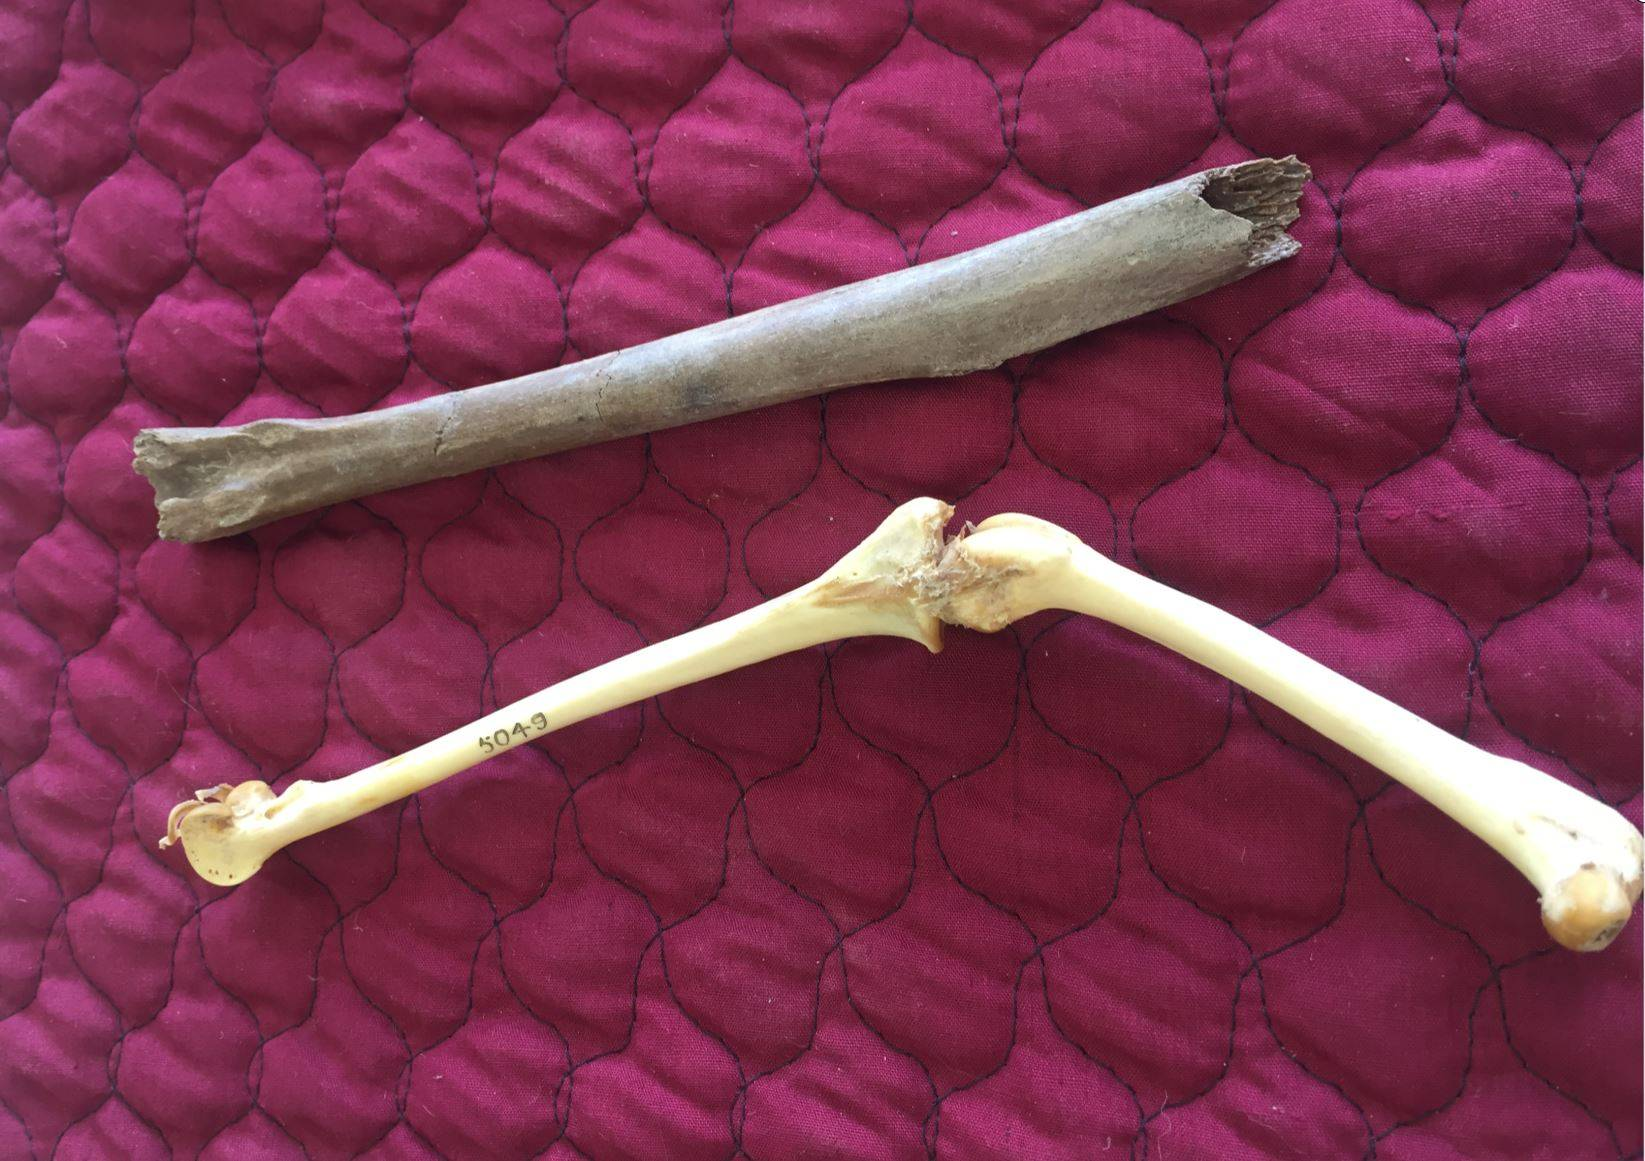 Científicos descubren un Loro prehistórico que llegó a medir un metro de altura